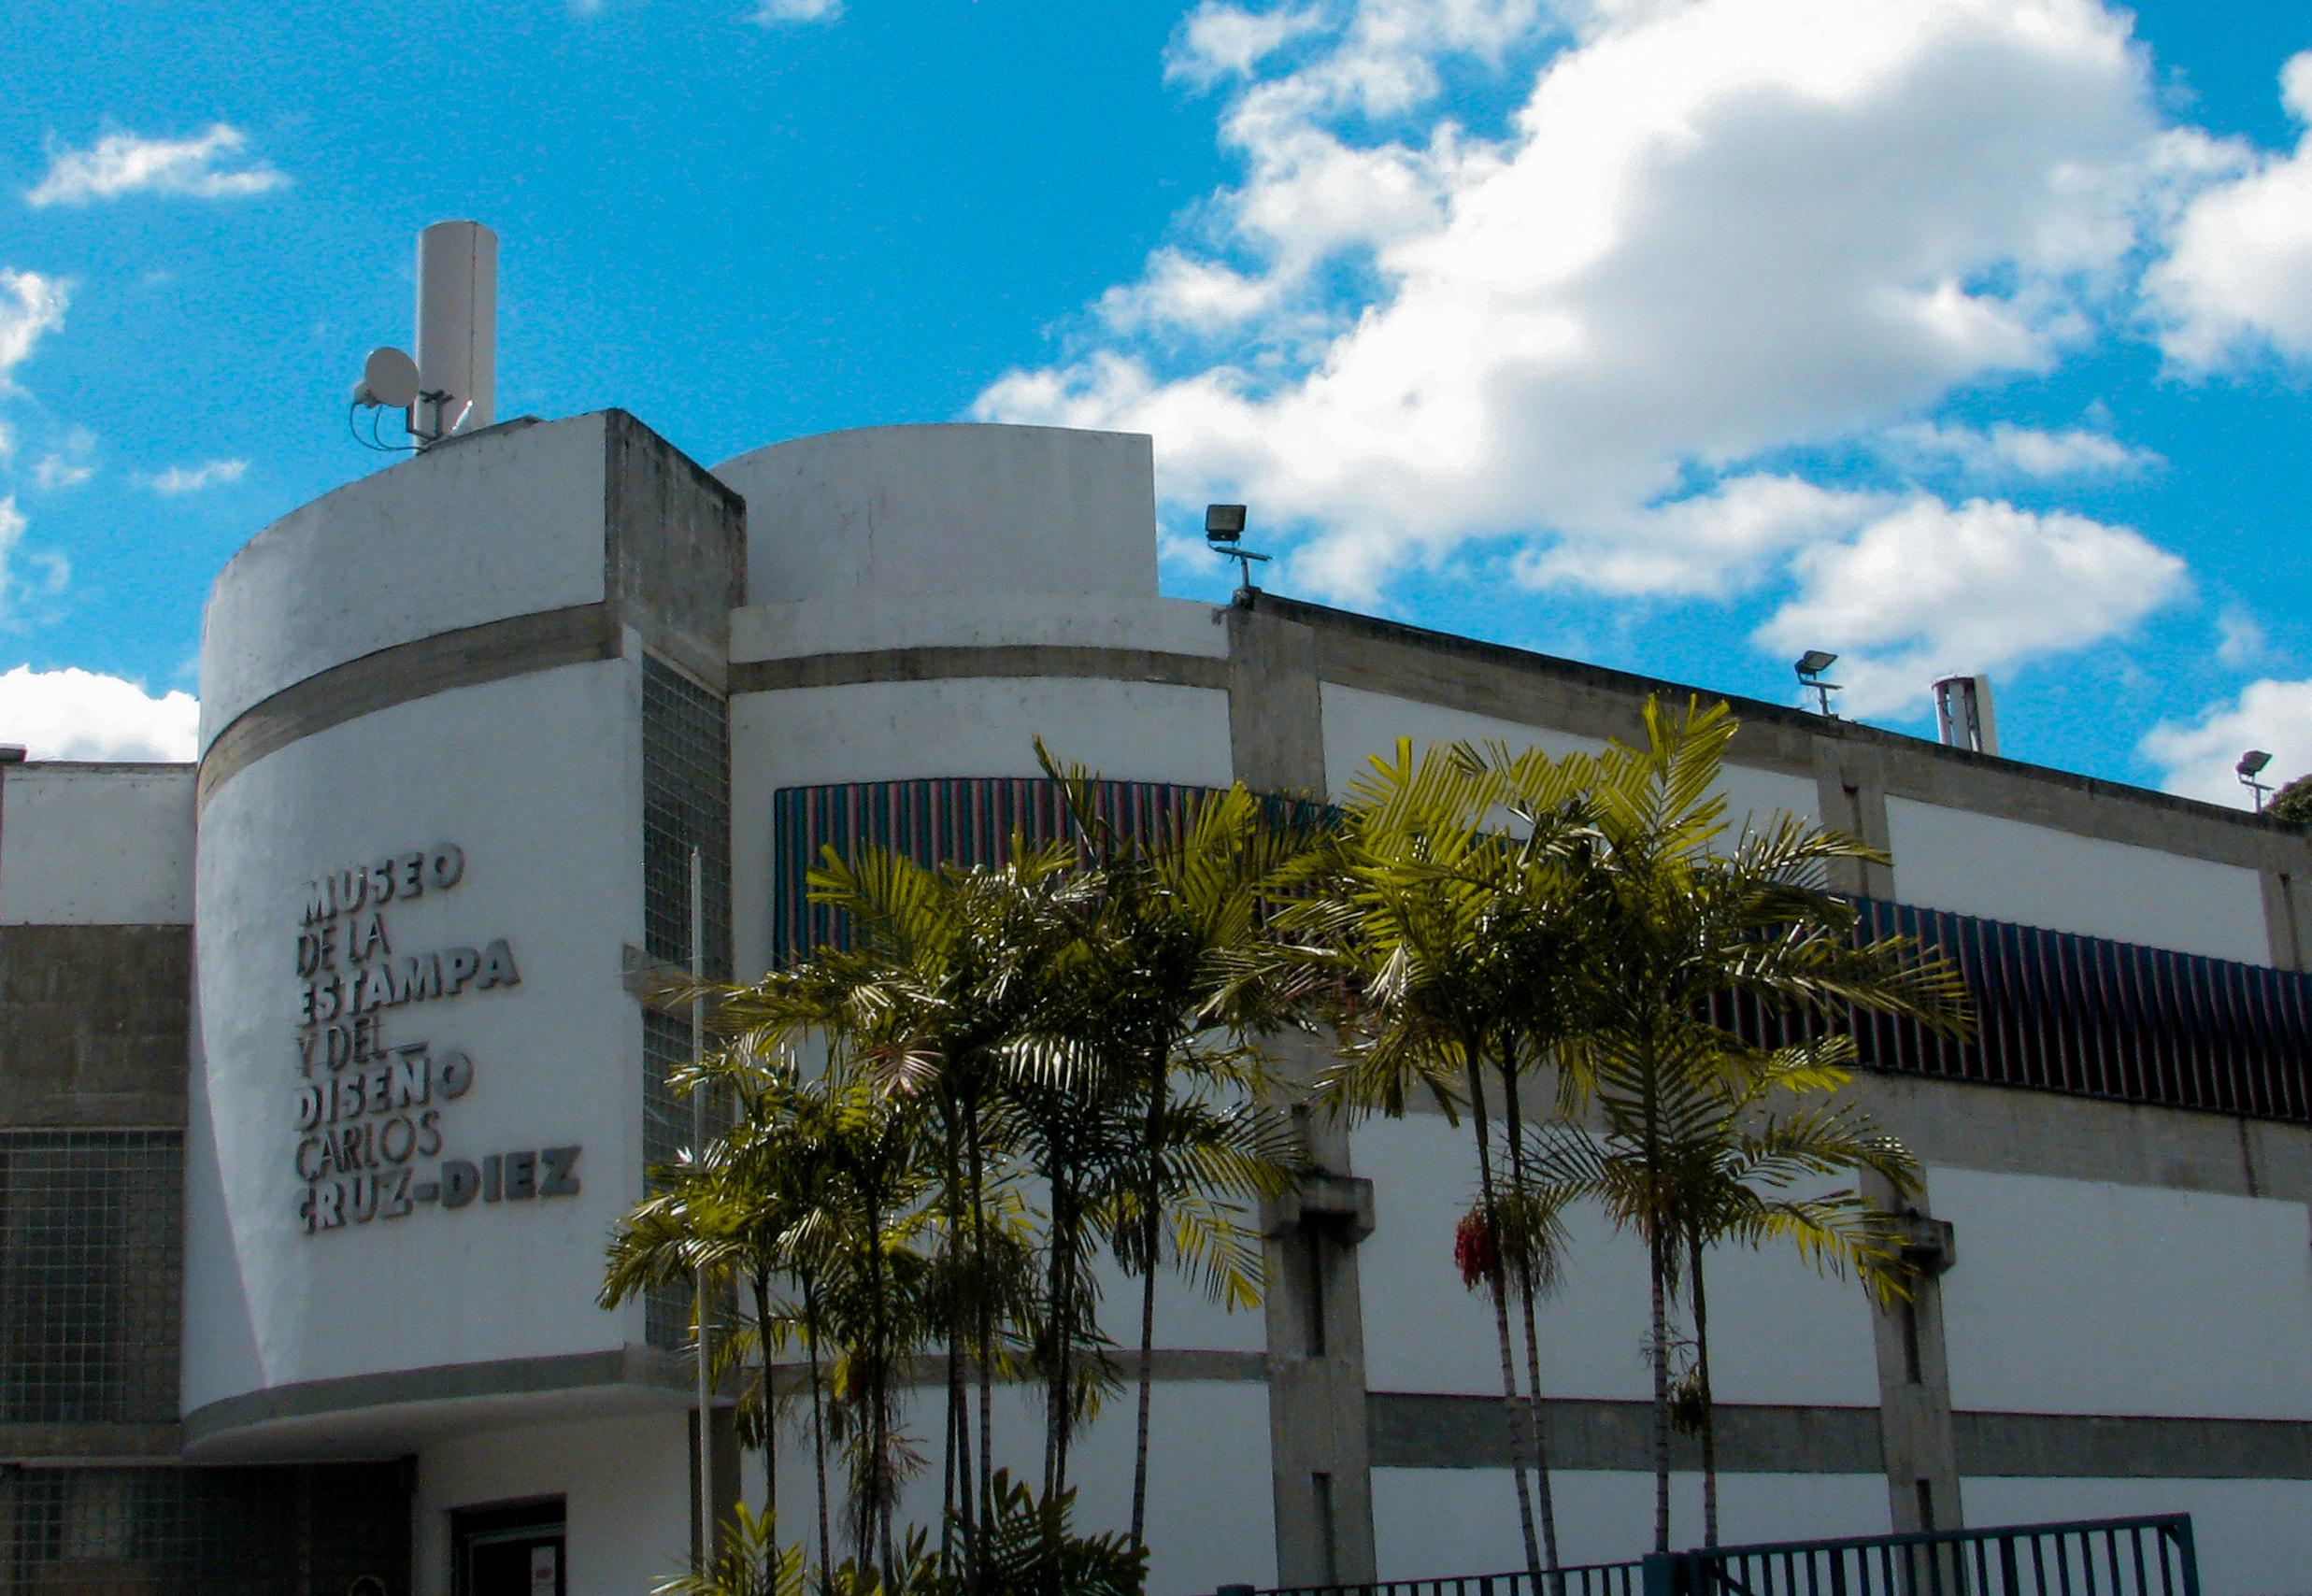 Museo de la estampa y el diseño Carlos Cruz Diez, un espacio para el color